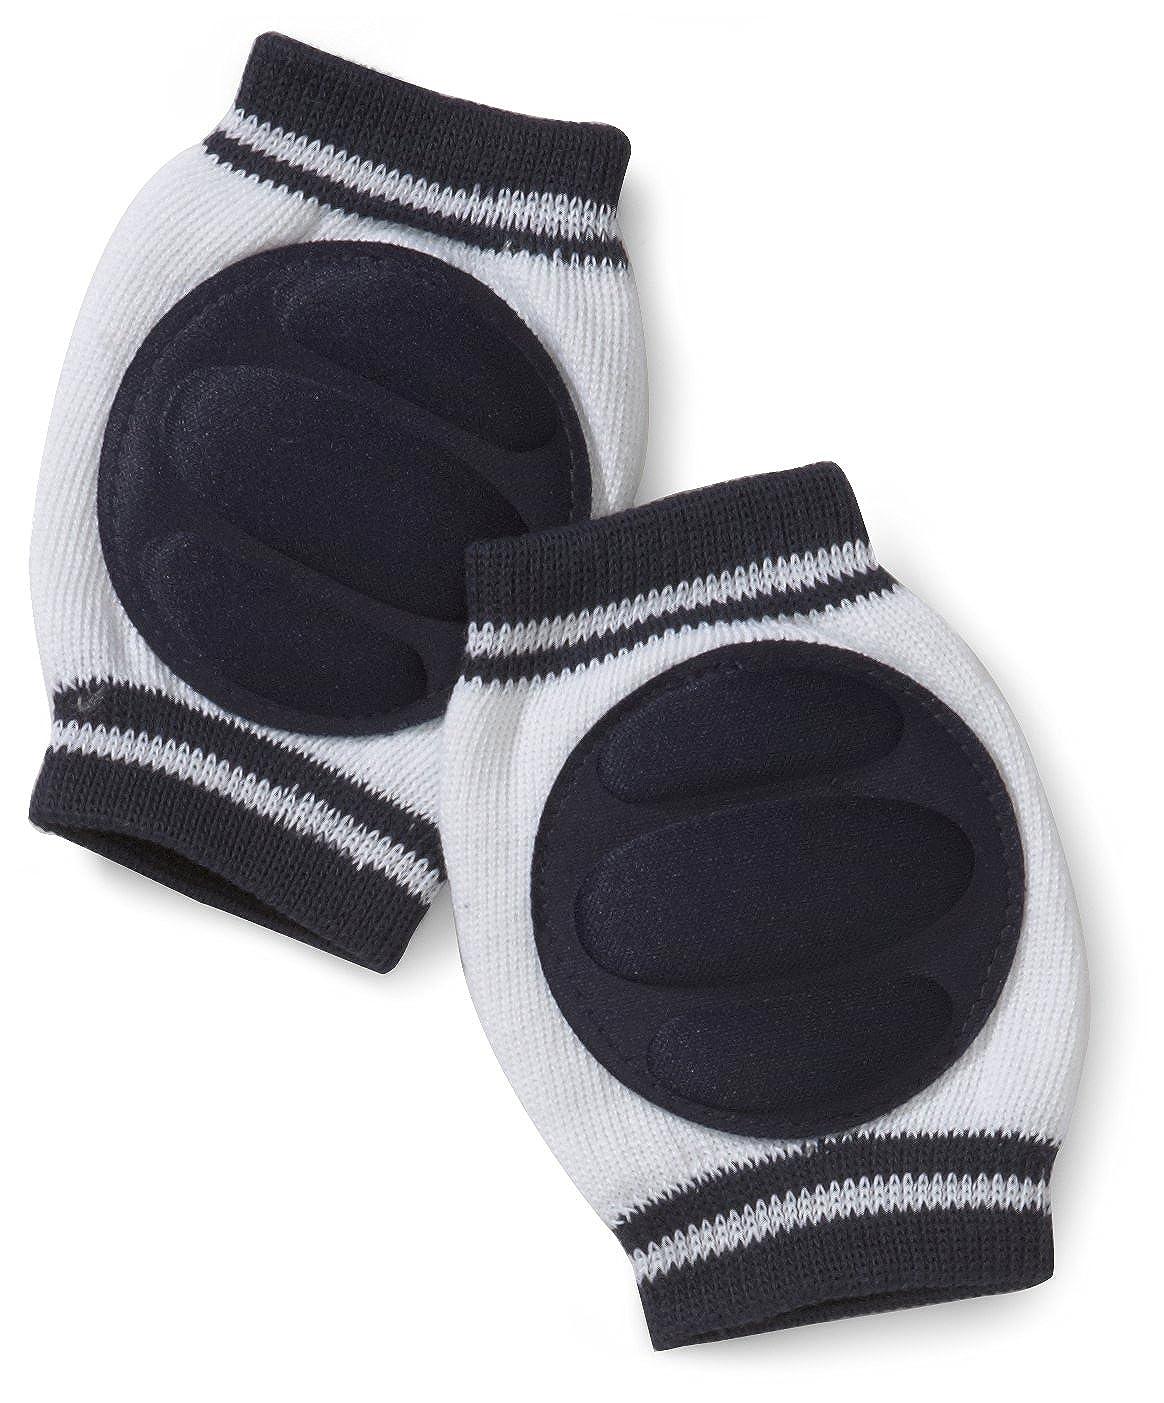 Bebé Calcetines de Gatear Rodilleras Nuevo Playshoes